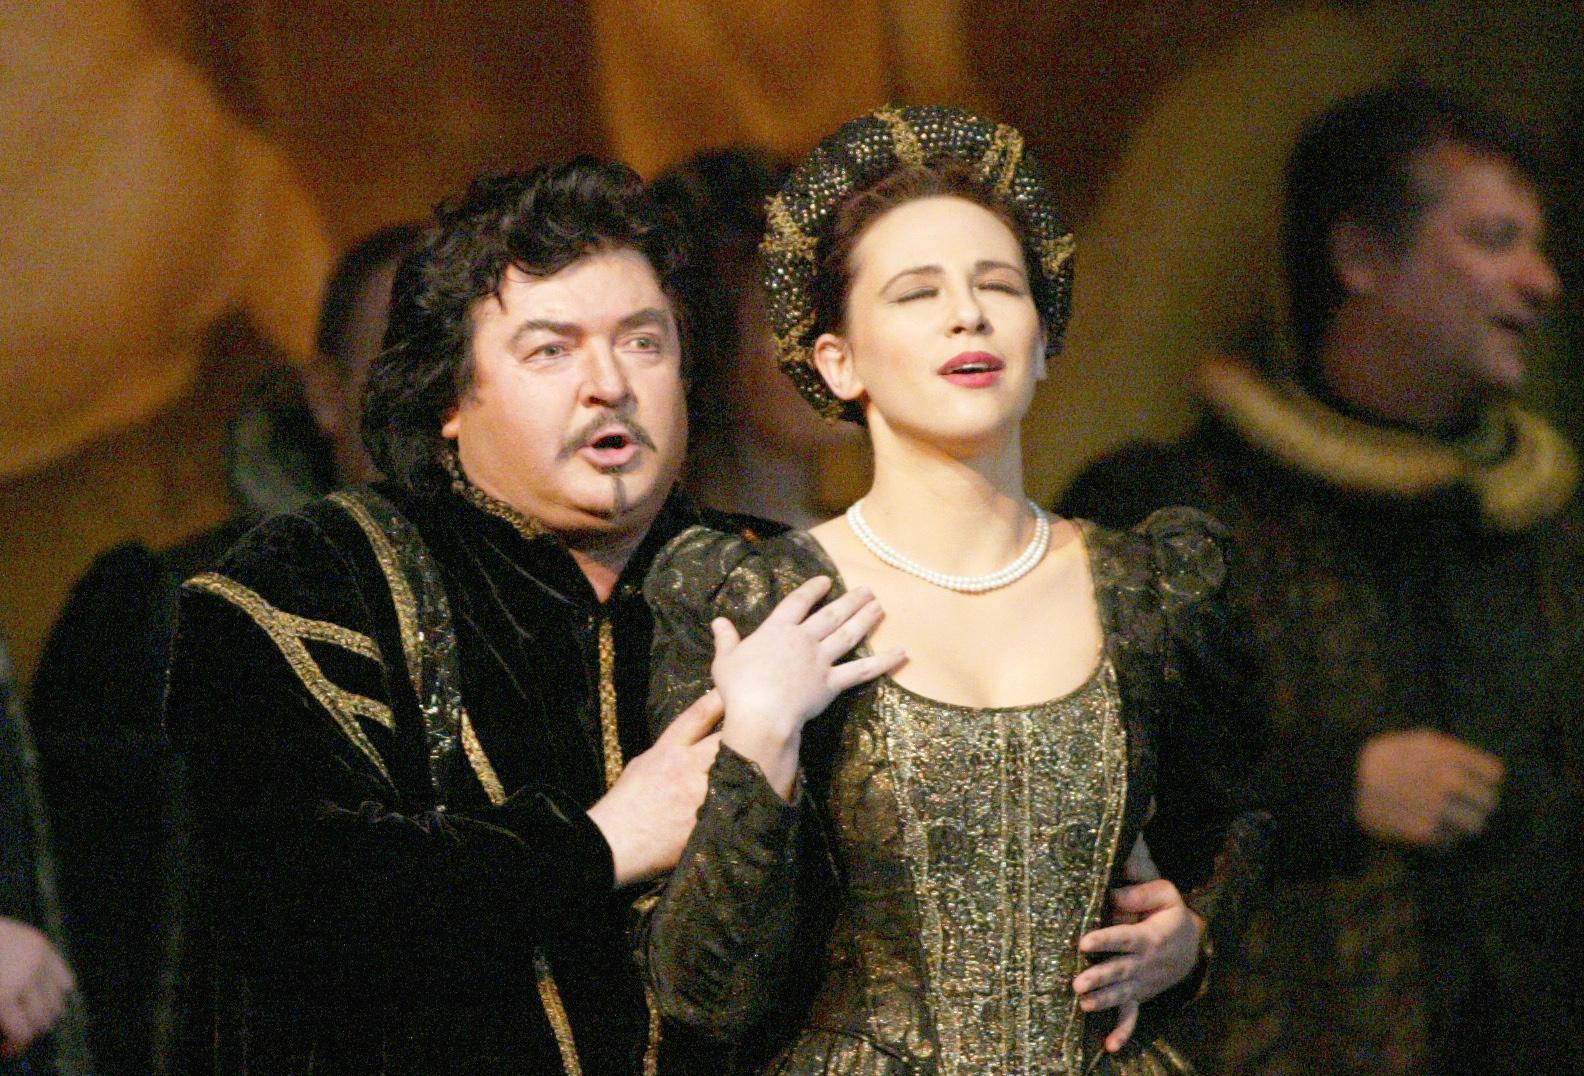 17. januar 2006, Maribor - SNG Maribor - Opera in balet - Opera Rigoletto Giuseppe Verdija - na posnetku Janez Lotrič